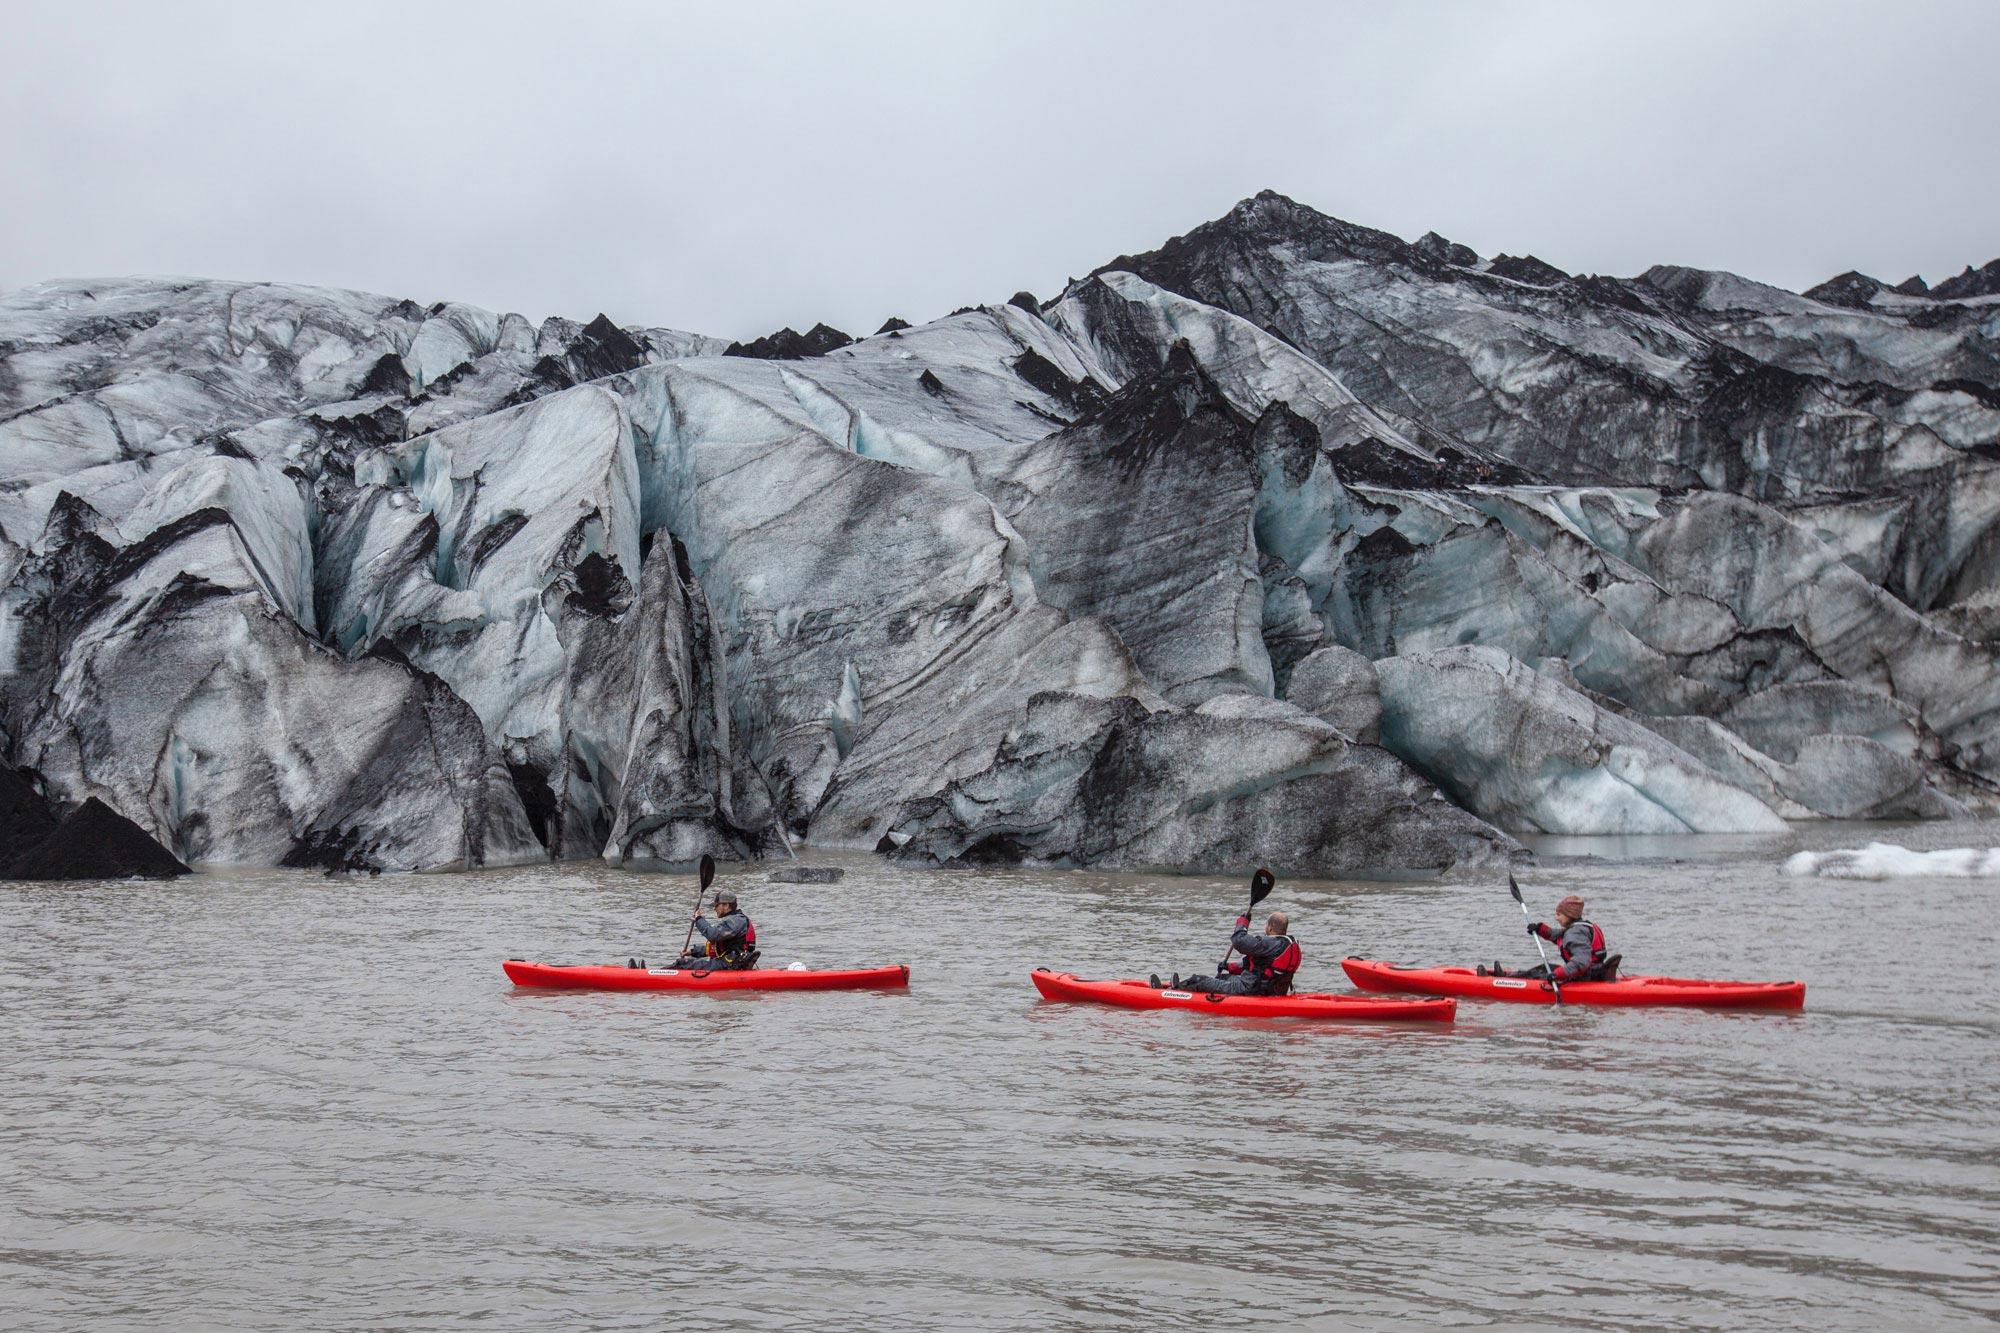 这个奇妙的冰岛南岸探索之旅让您有机会重新认识冰岛的冰河湖